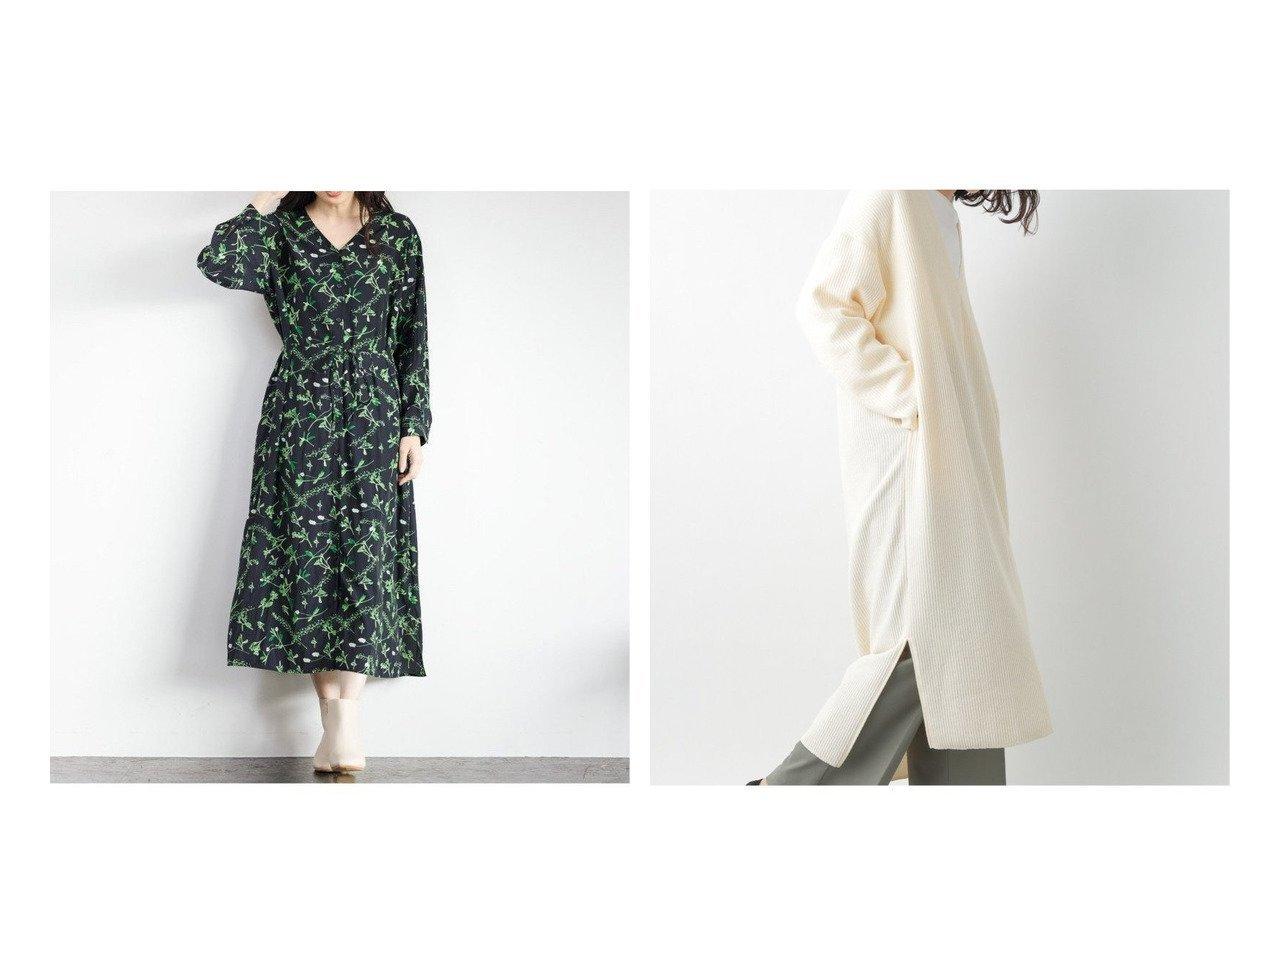 【LEPSIM LOWRYS FARM/レプシィム ローリーズファーム】のPLANTICA*マエアキOP&リブガラVネックOP ワンピース・ドレスのおすすめ!人気、トレンド・レディースファッションの通販 | レディースファッション・服の通販 founy(ファニー)